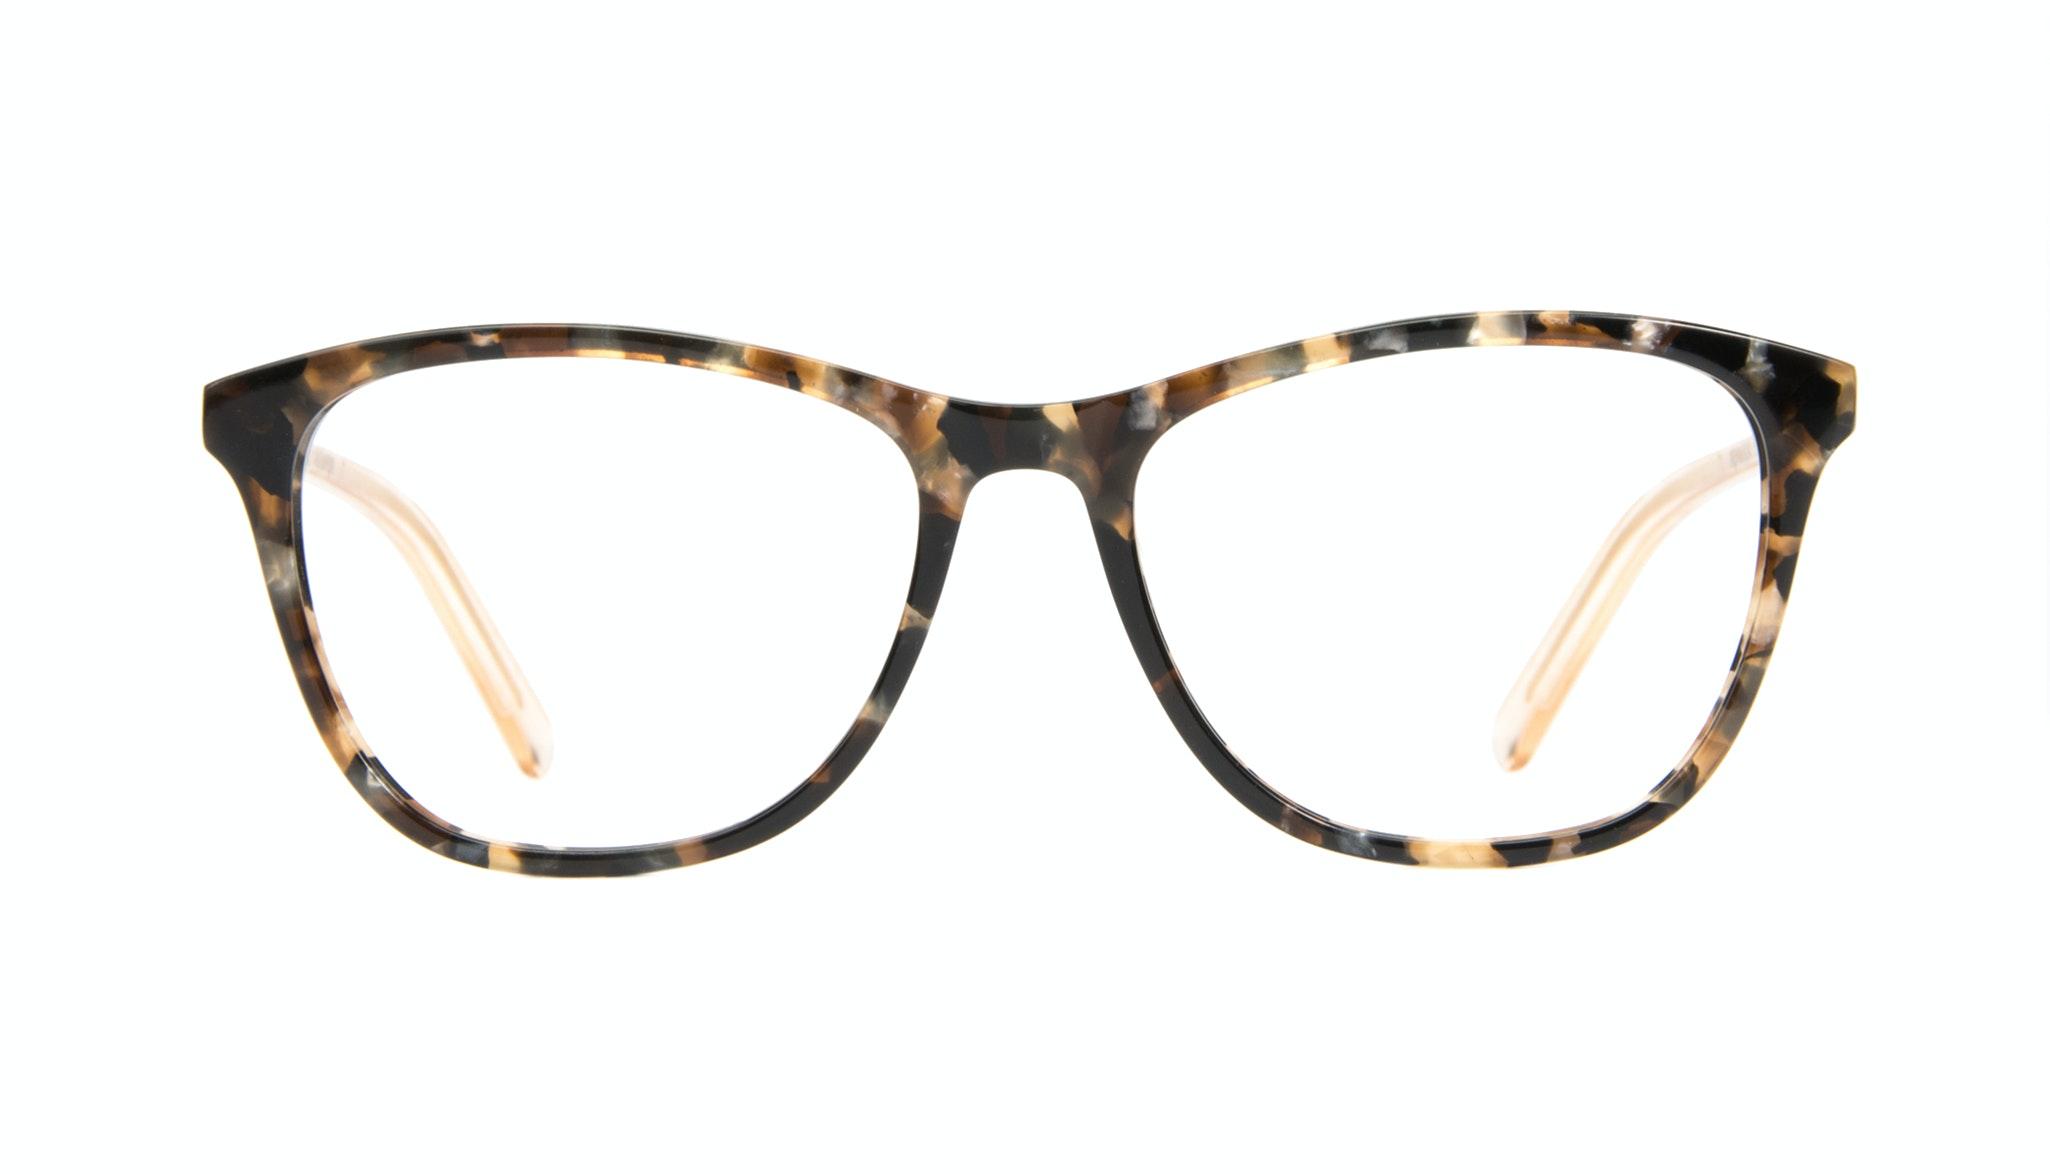 Lunettes tendance Oeil de chat Rectangle Lunettes de vue Femmes Folk Gold Flake Face